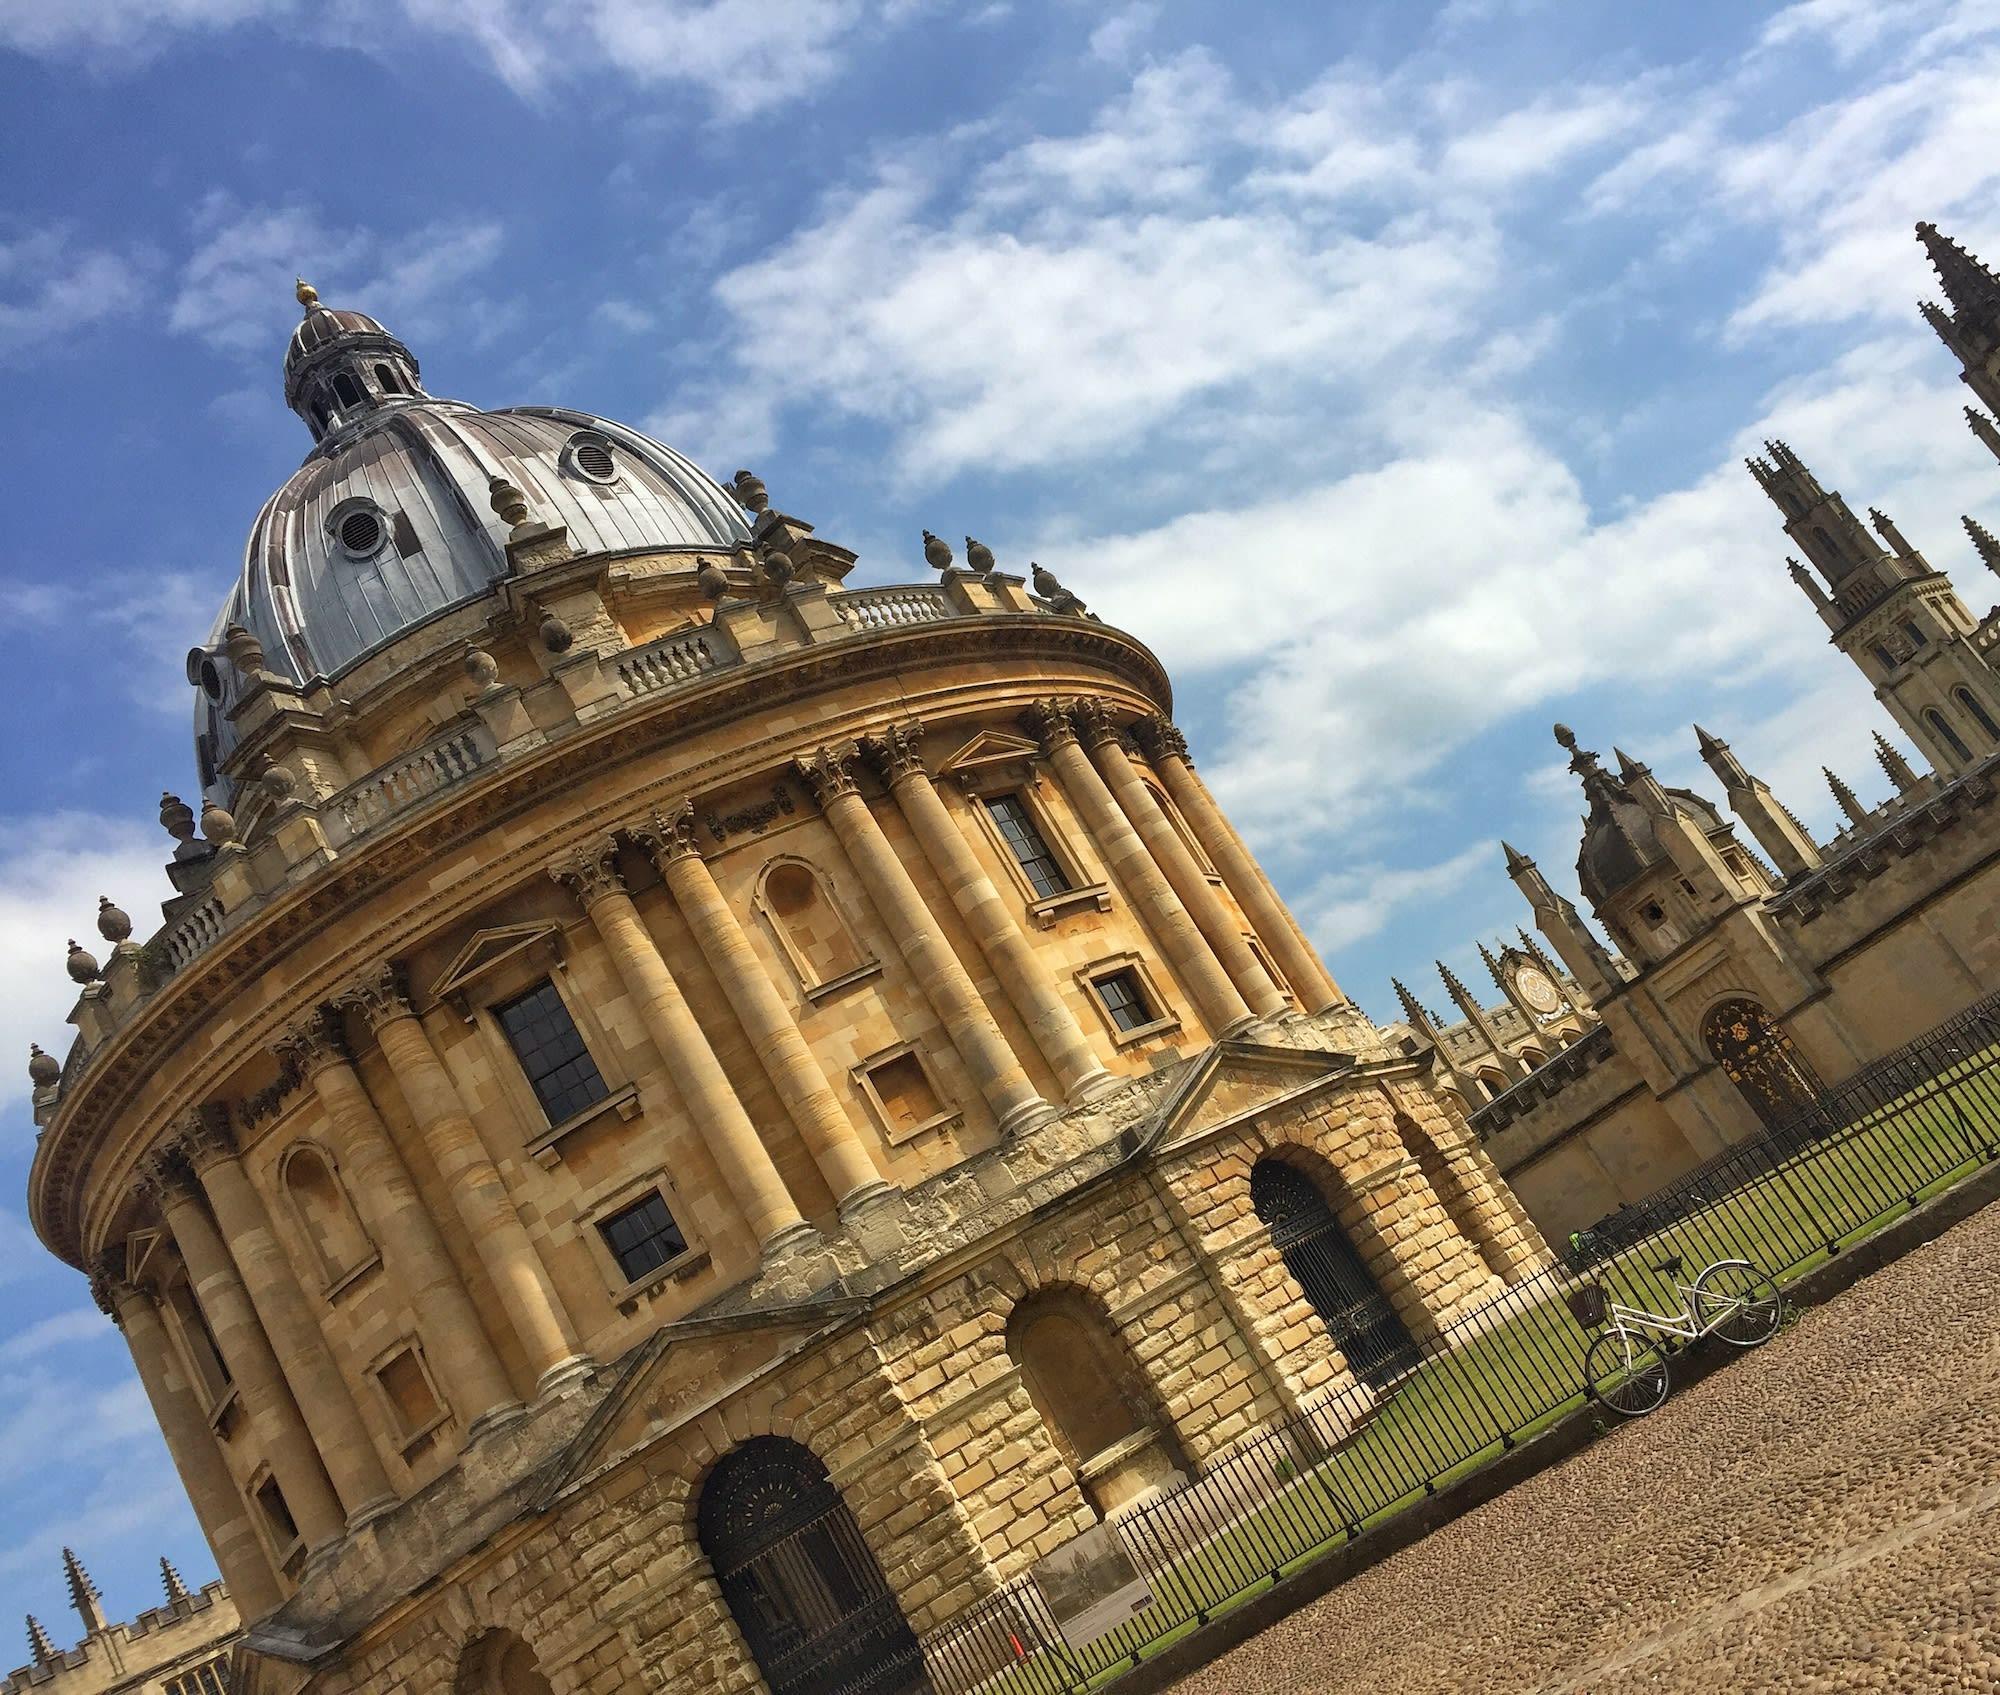 波德林圖書館(Bodleian Library)是歐洲最古老的圖書館之一,哈利波特電影曾在此取景。